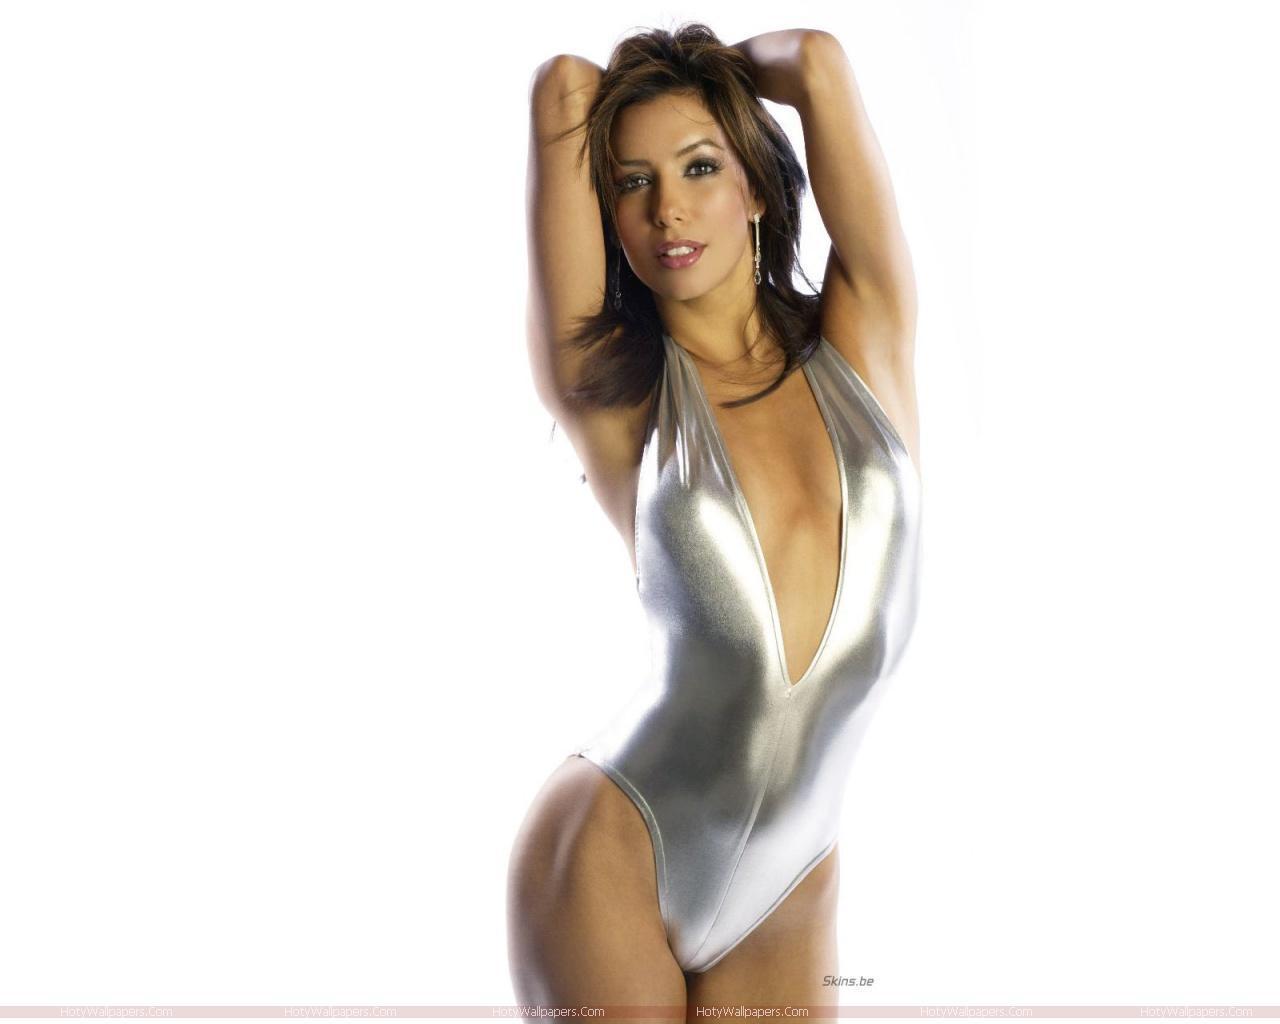 http://3.bp.blogspot.com/-FaQwIaW0oZA/TlivY8ipLBI/AAAAAAAAJ6I/cqUUgVGQX_k/s1600/hollywood-actress-Eva-Longoria.jpg